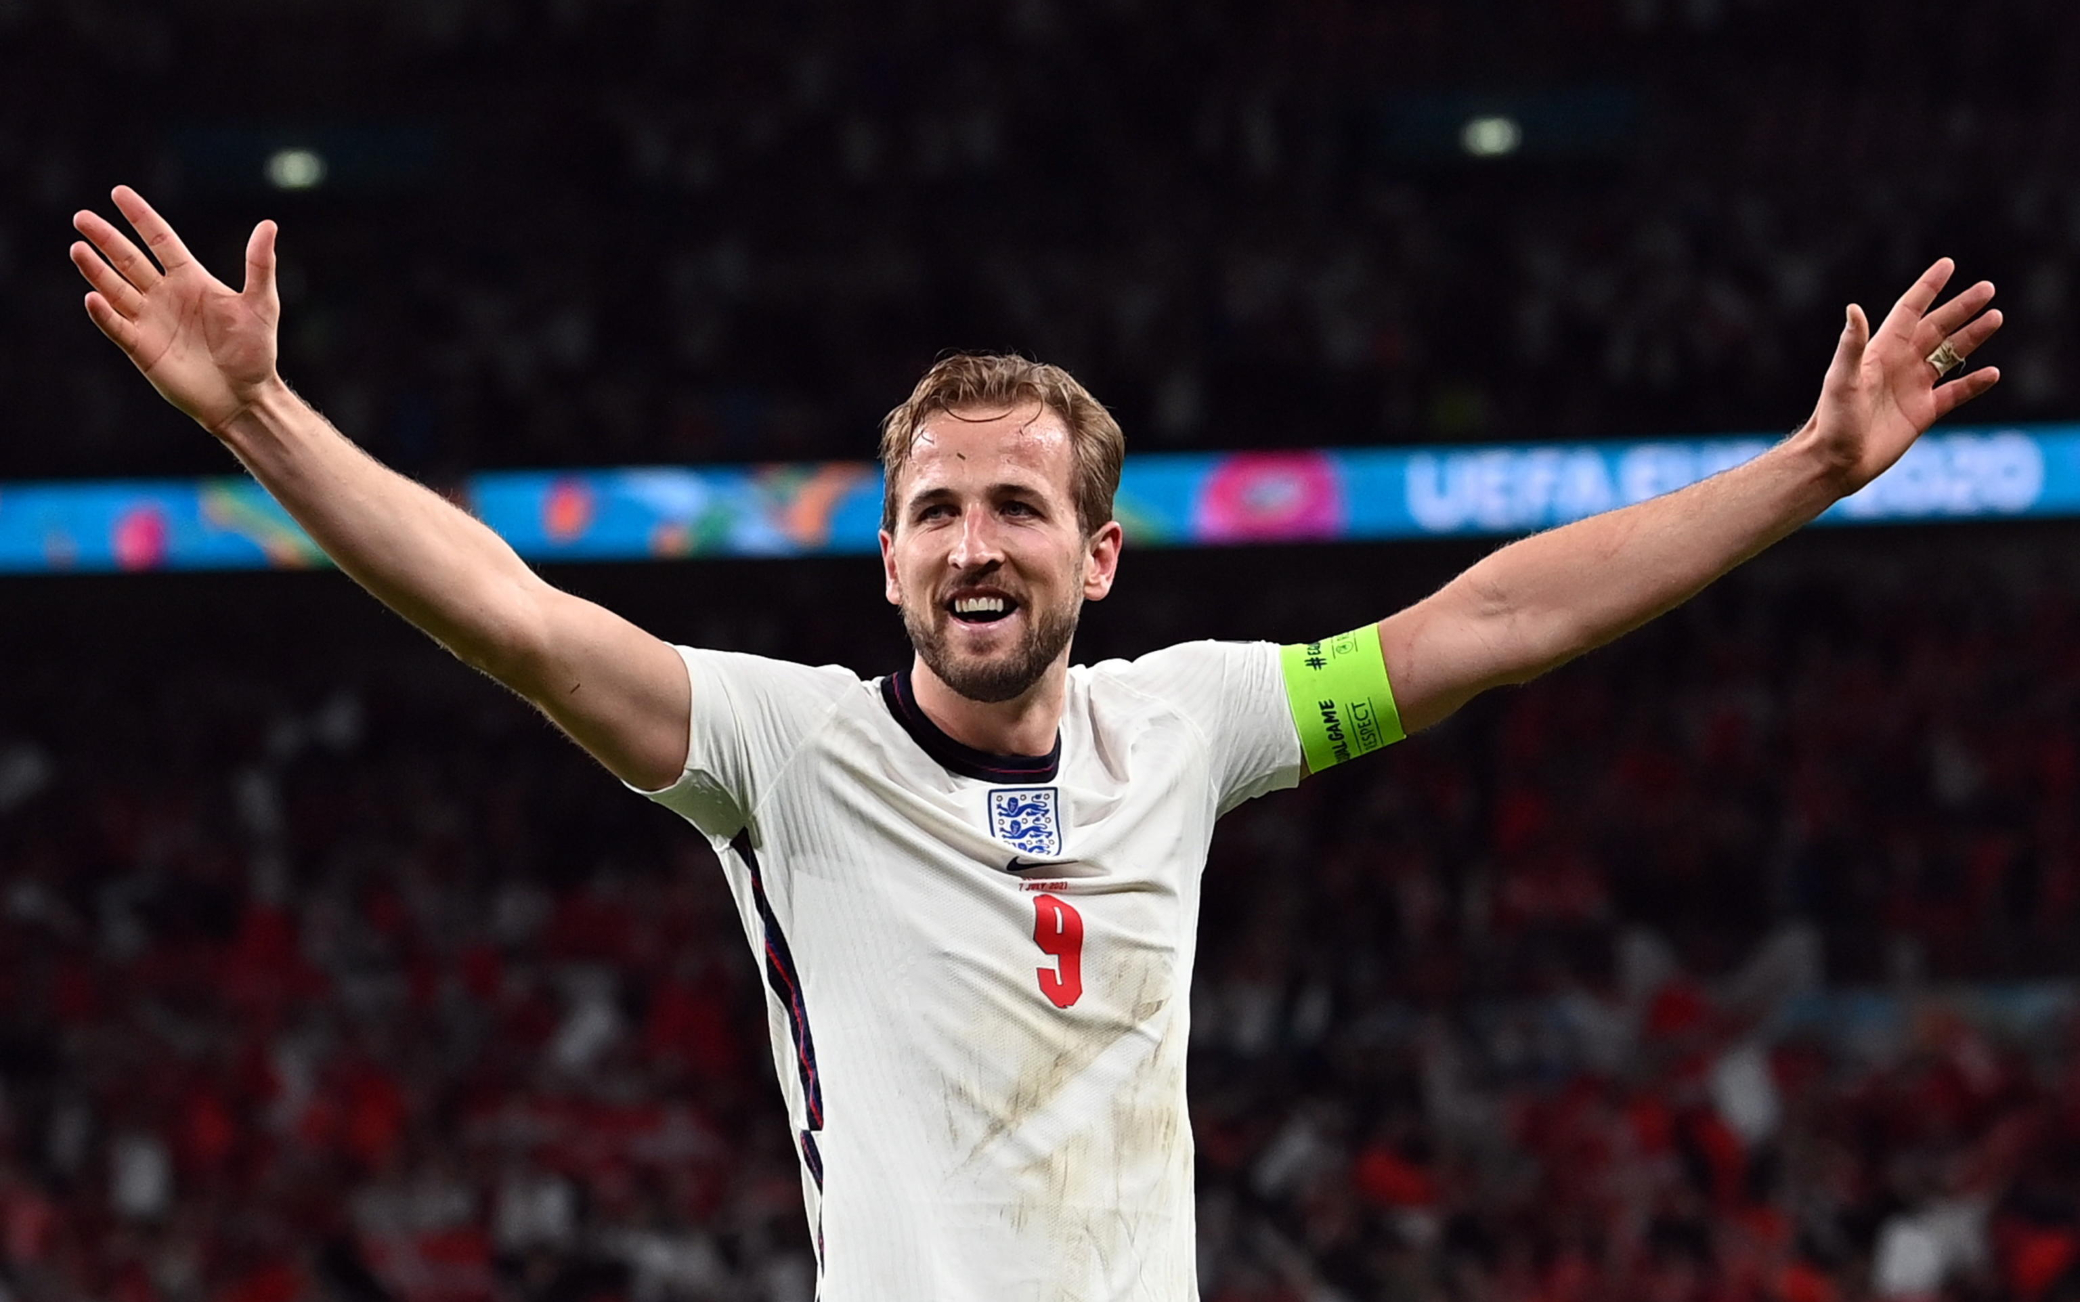 """Inghilterra, Kane fa gol e raggiunge Lineker: """"Ora battiamo l'Italia in finale"""""""